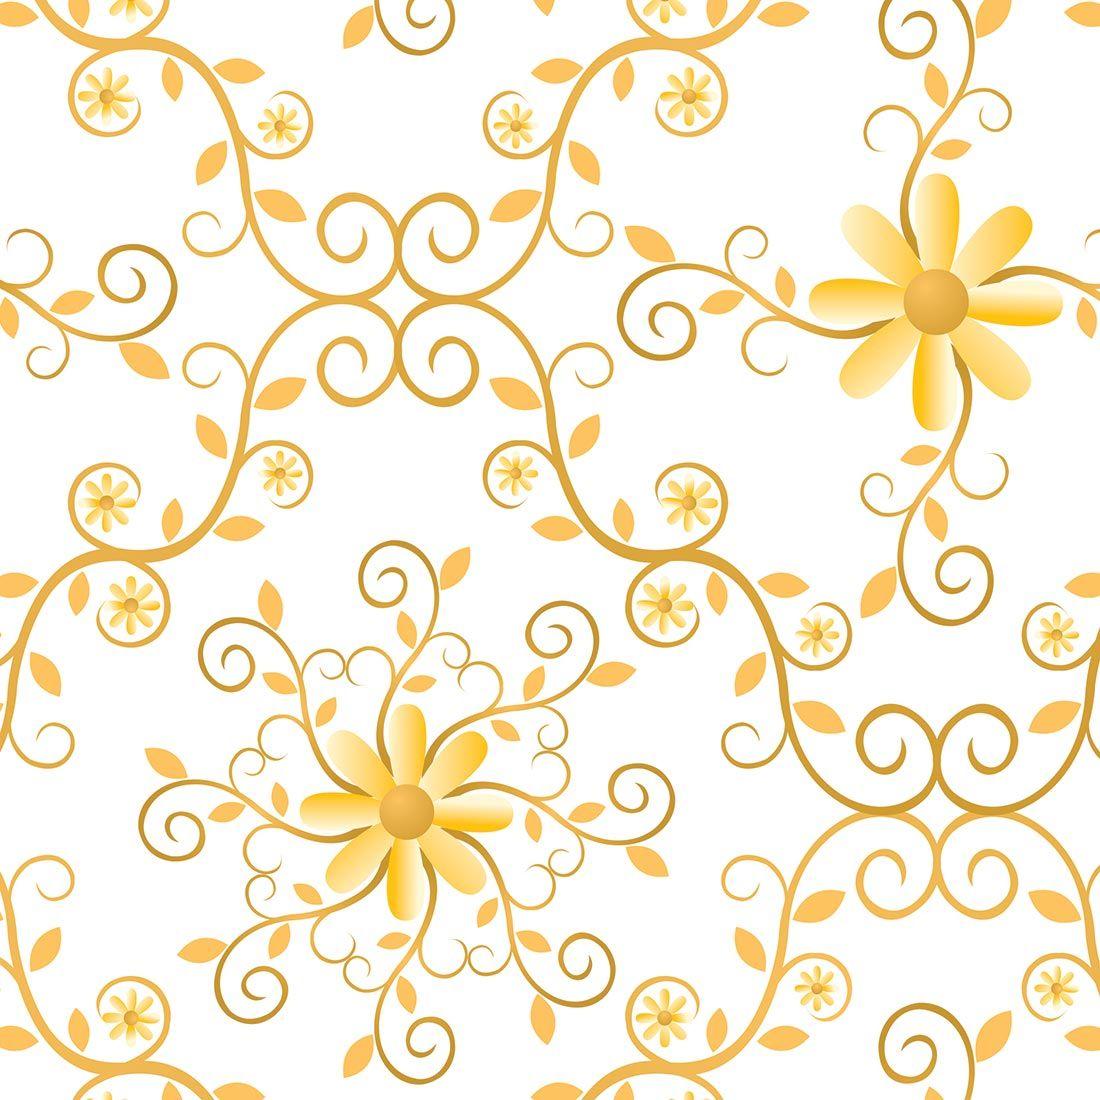 Papel de parede floral com arabesco em tons de dourado - Papel de pared retro ...